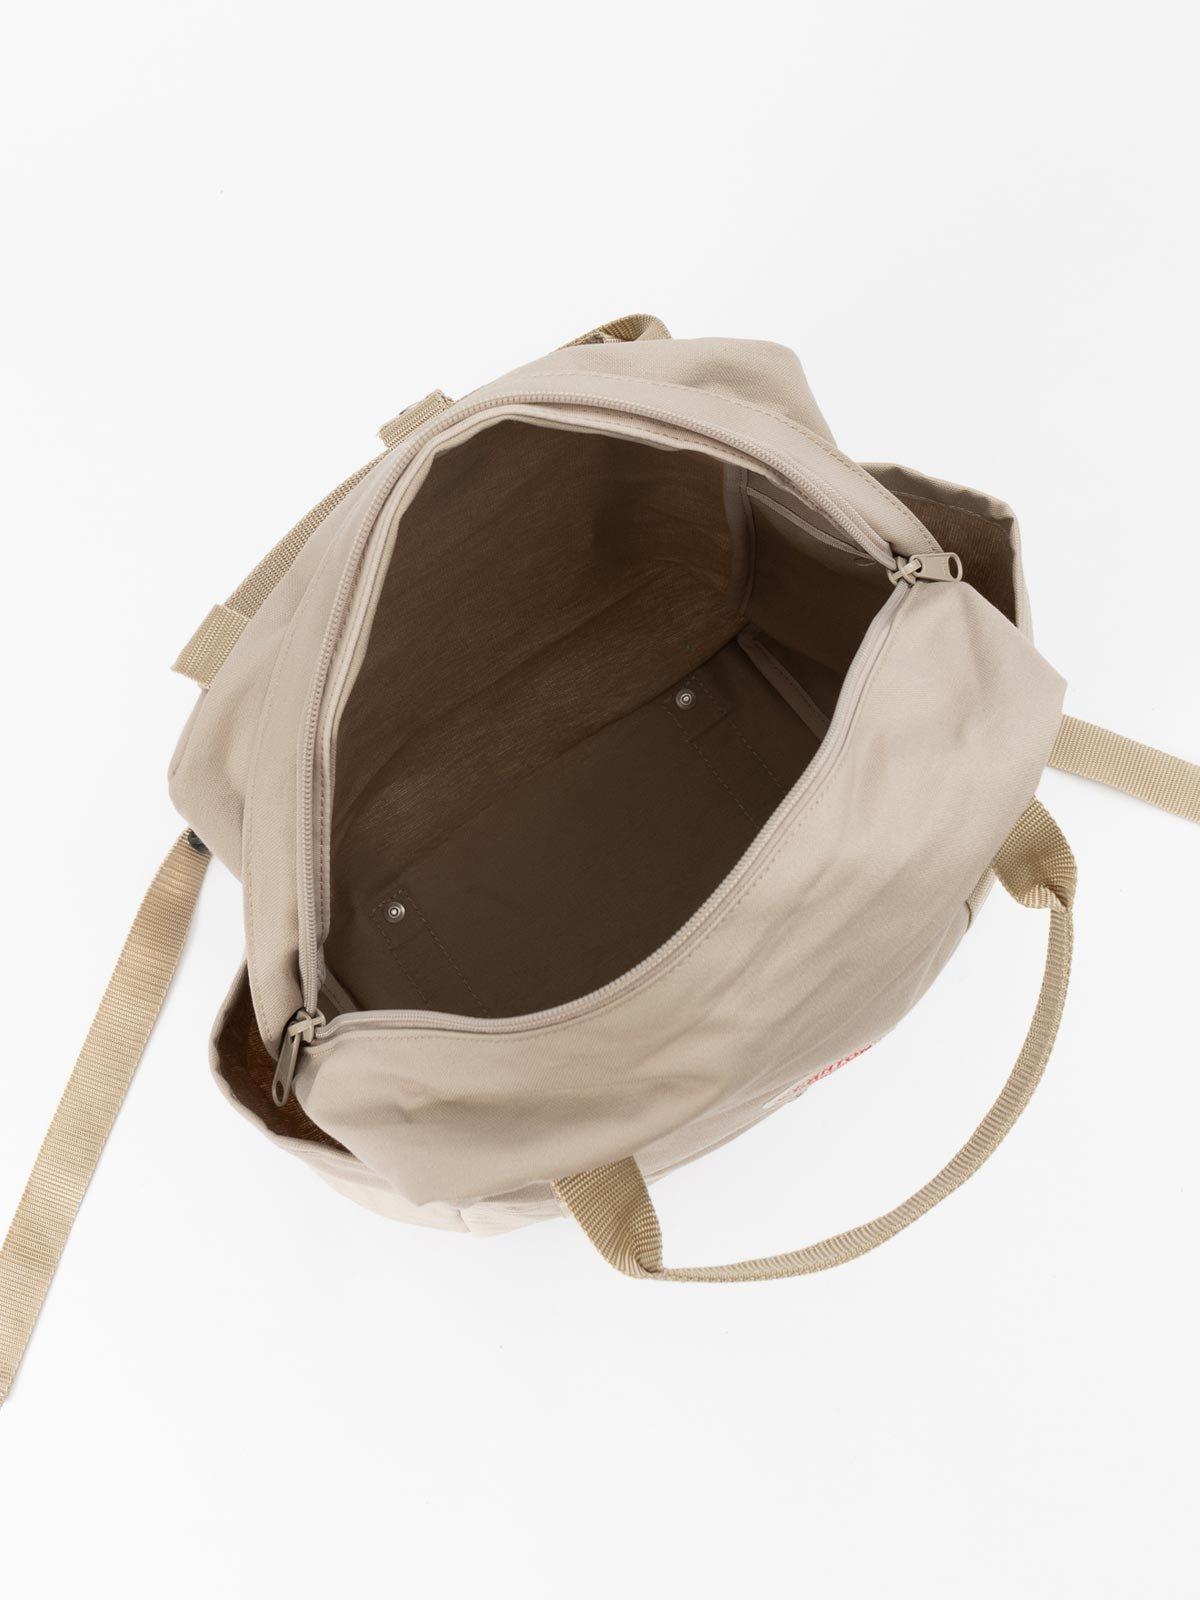 UTILITY BAG BEIGE - Image 5